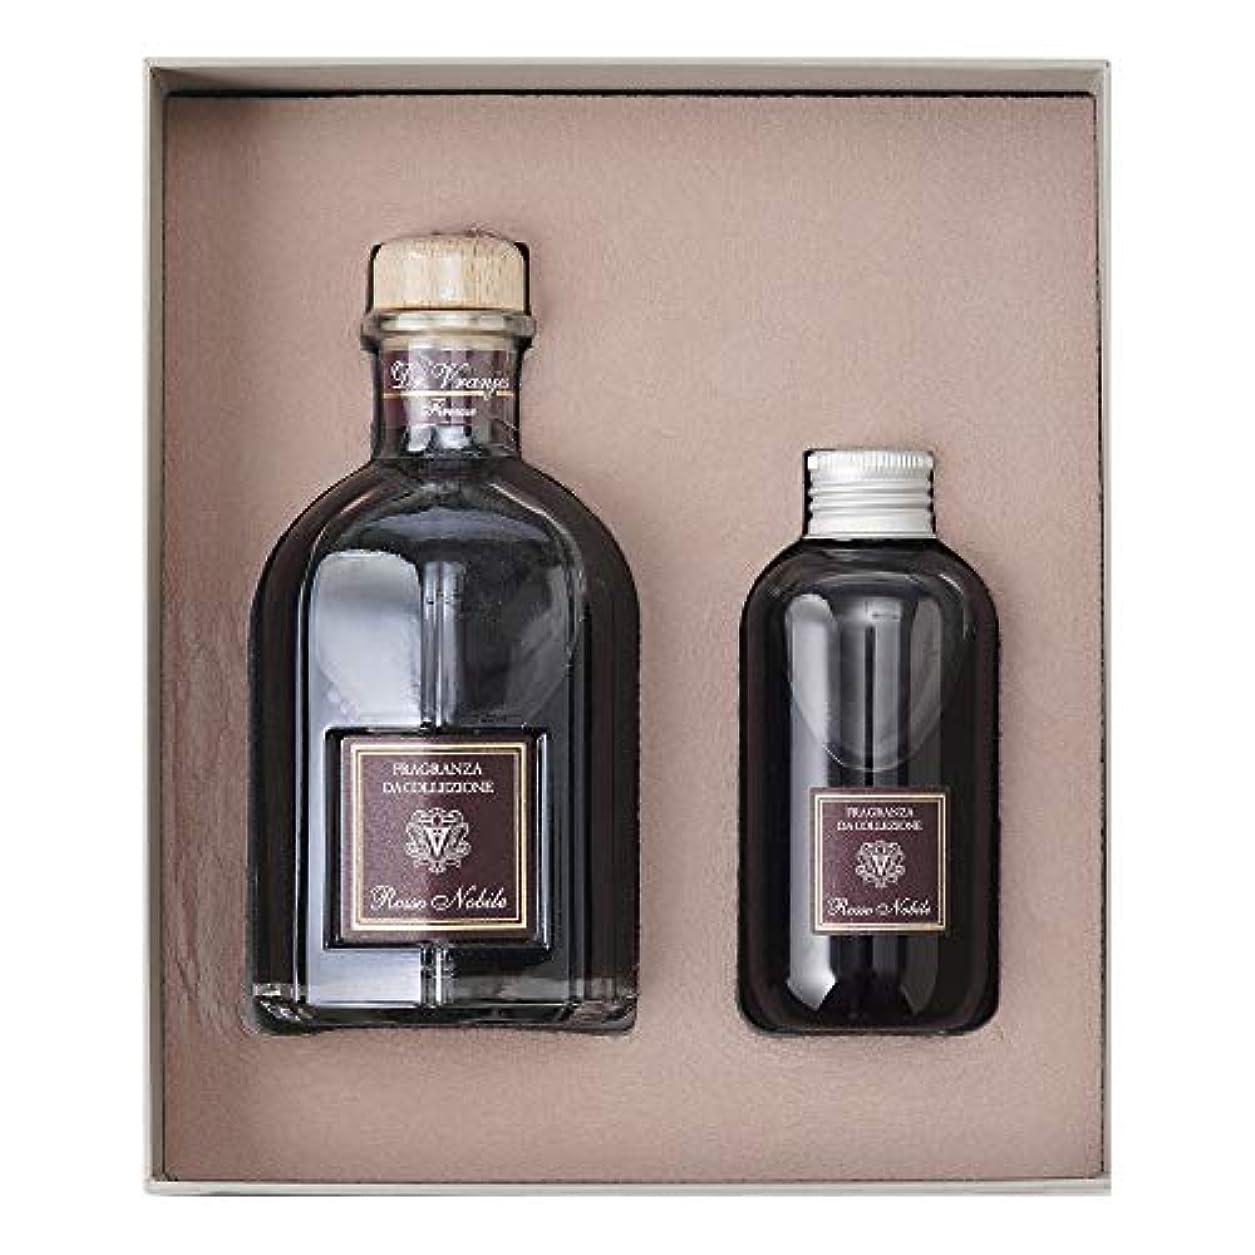 マルコポーロ尊敬する誇りに思うドットール?ヴラニエス ロッソノービレ ギフトボックス ディフューザー リフィル ROSSO NOBILE GIFT BOX 250ML WITH STICKS + 150ML REFILL (Rosso nobile/...